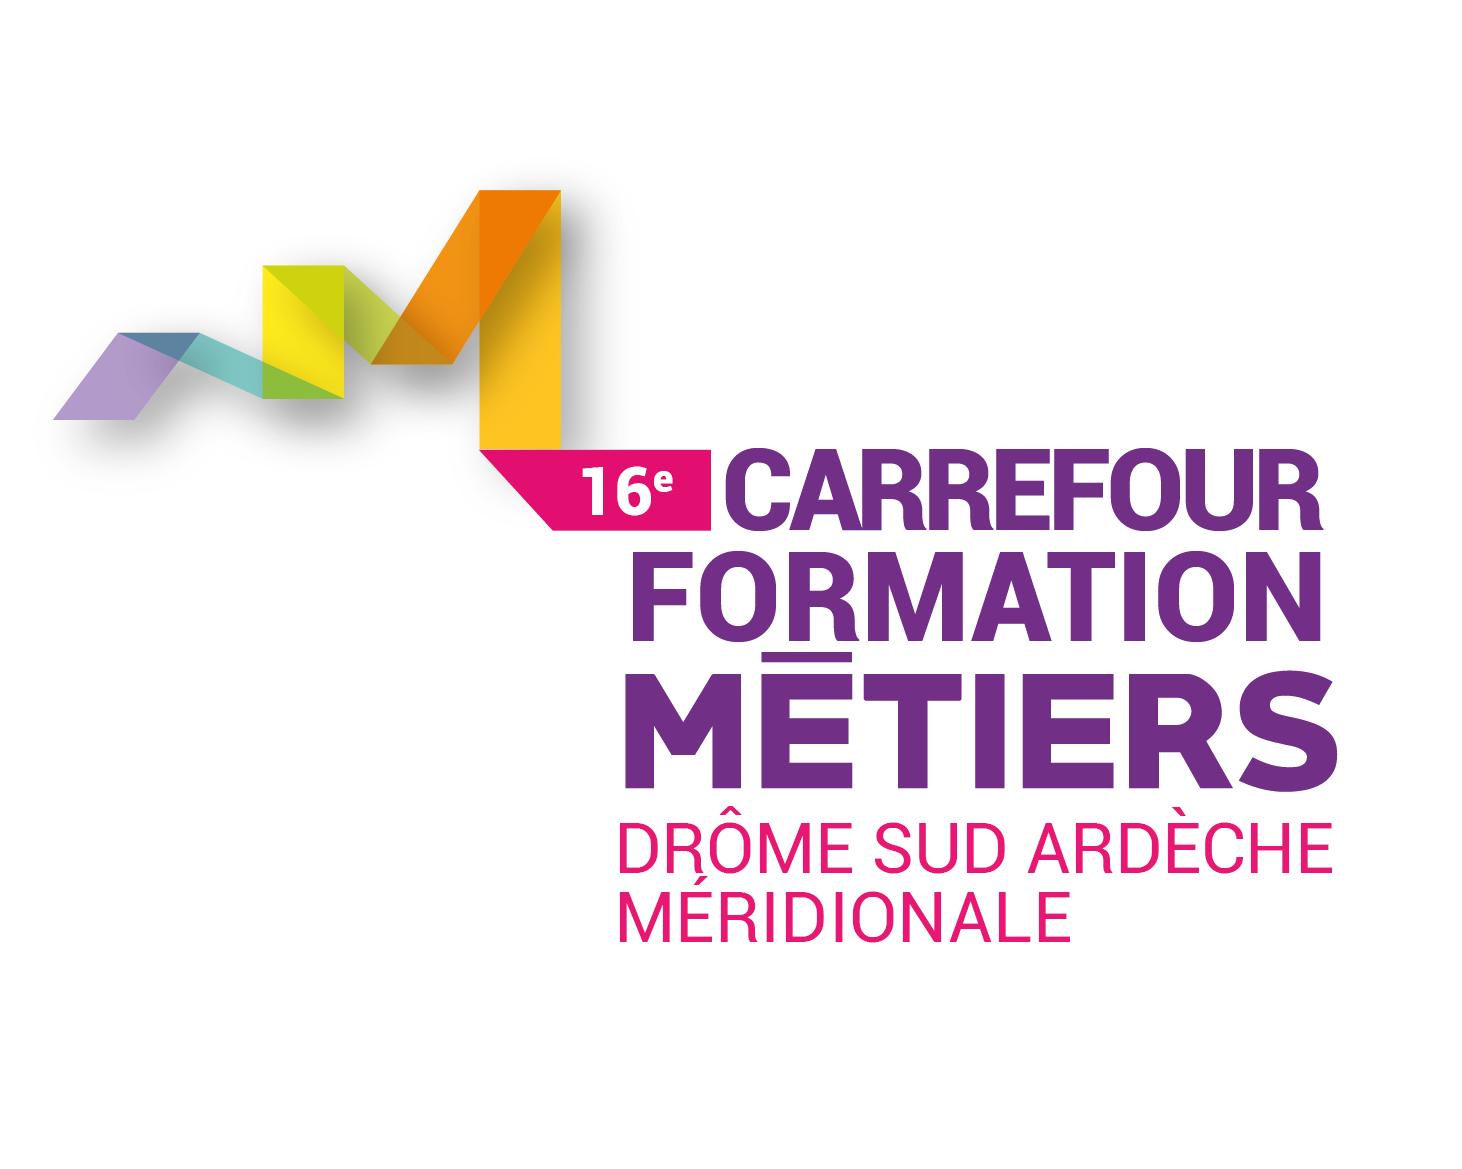 Carrefour formation métiers Drôme et Ardèche provençale - Le Teil - Montélimar